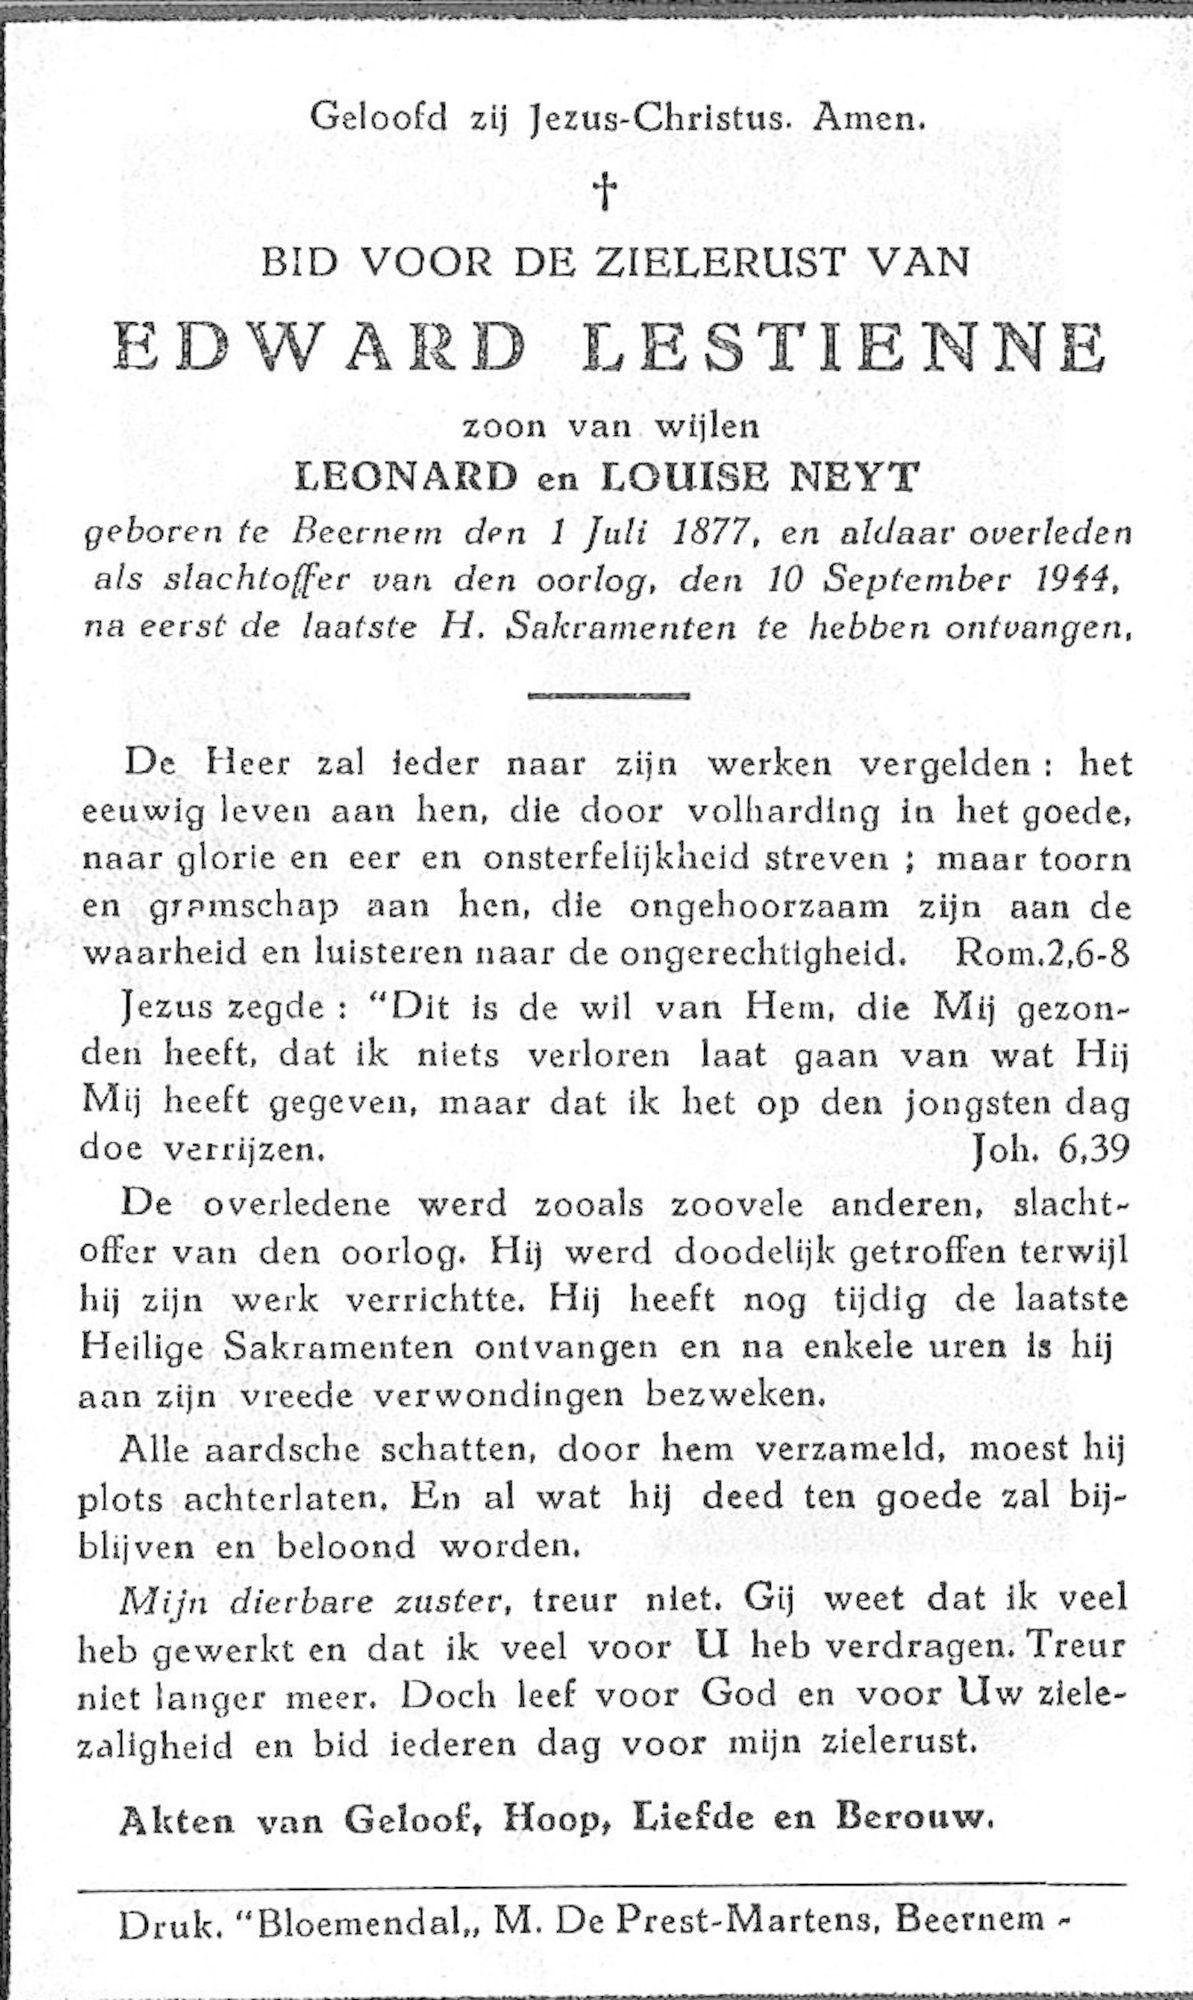 Edward Lestienne